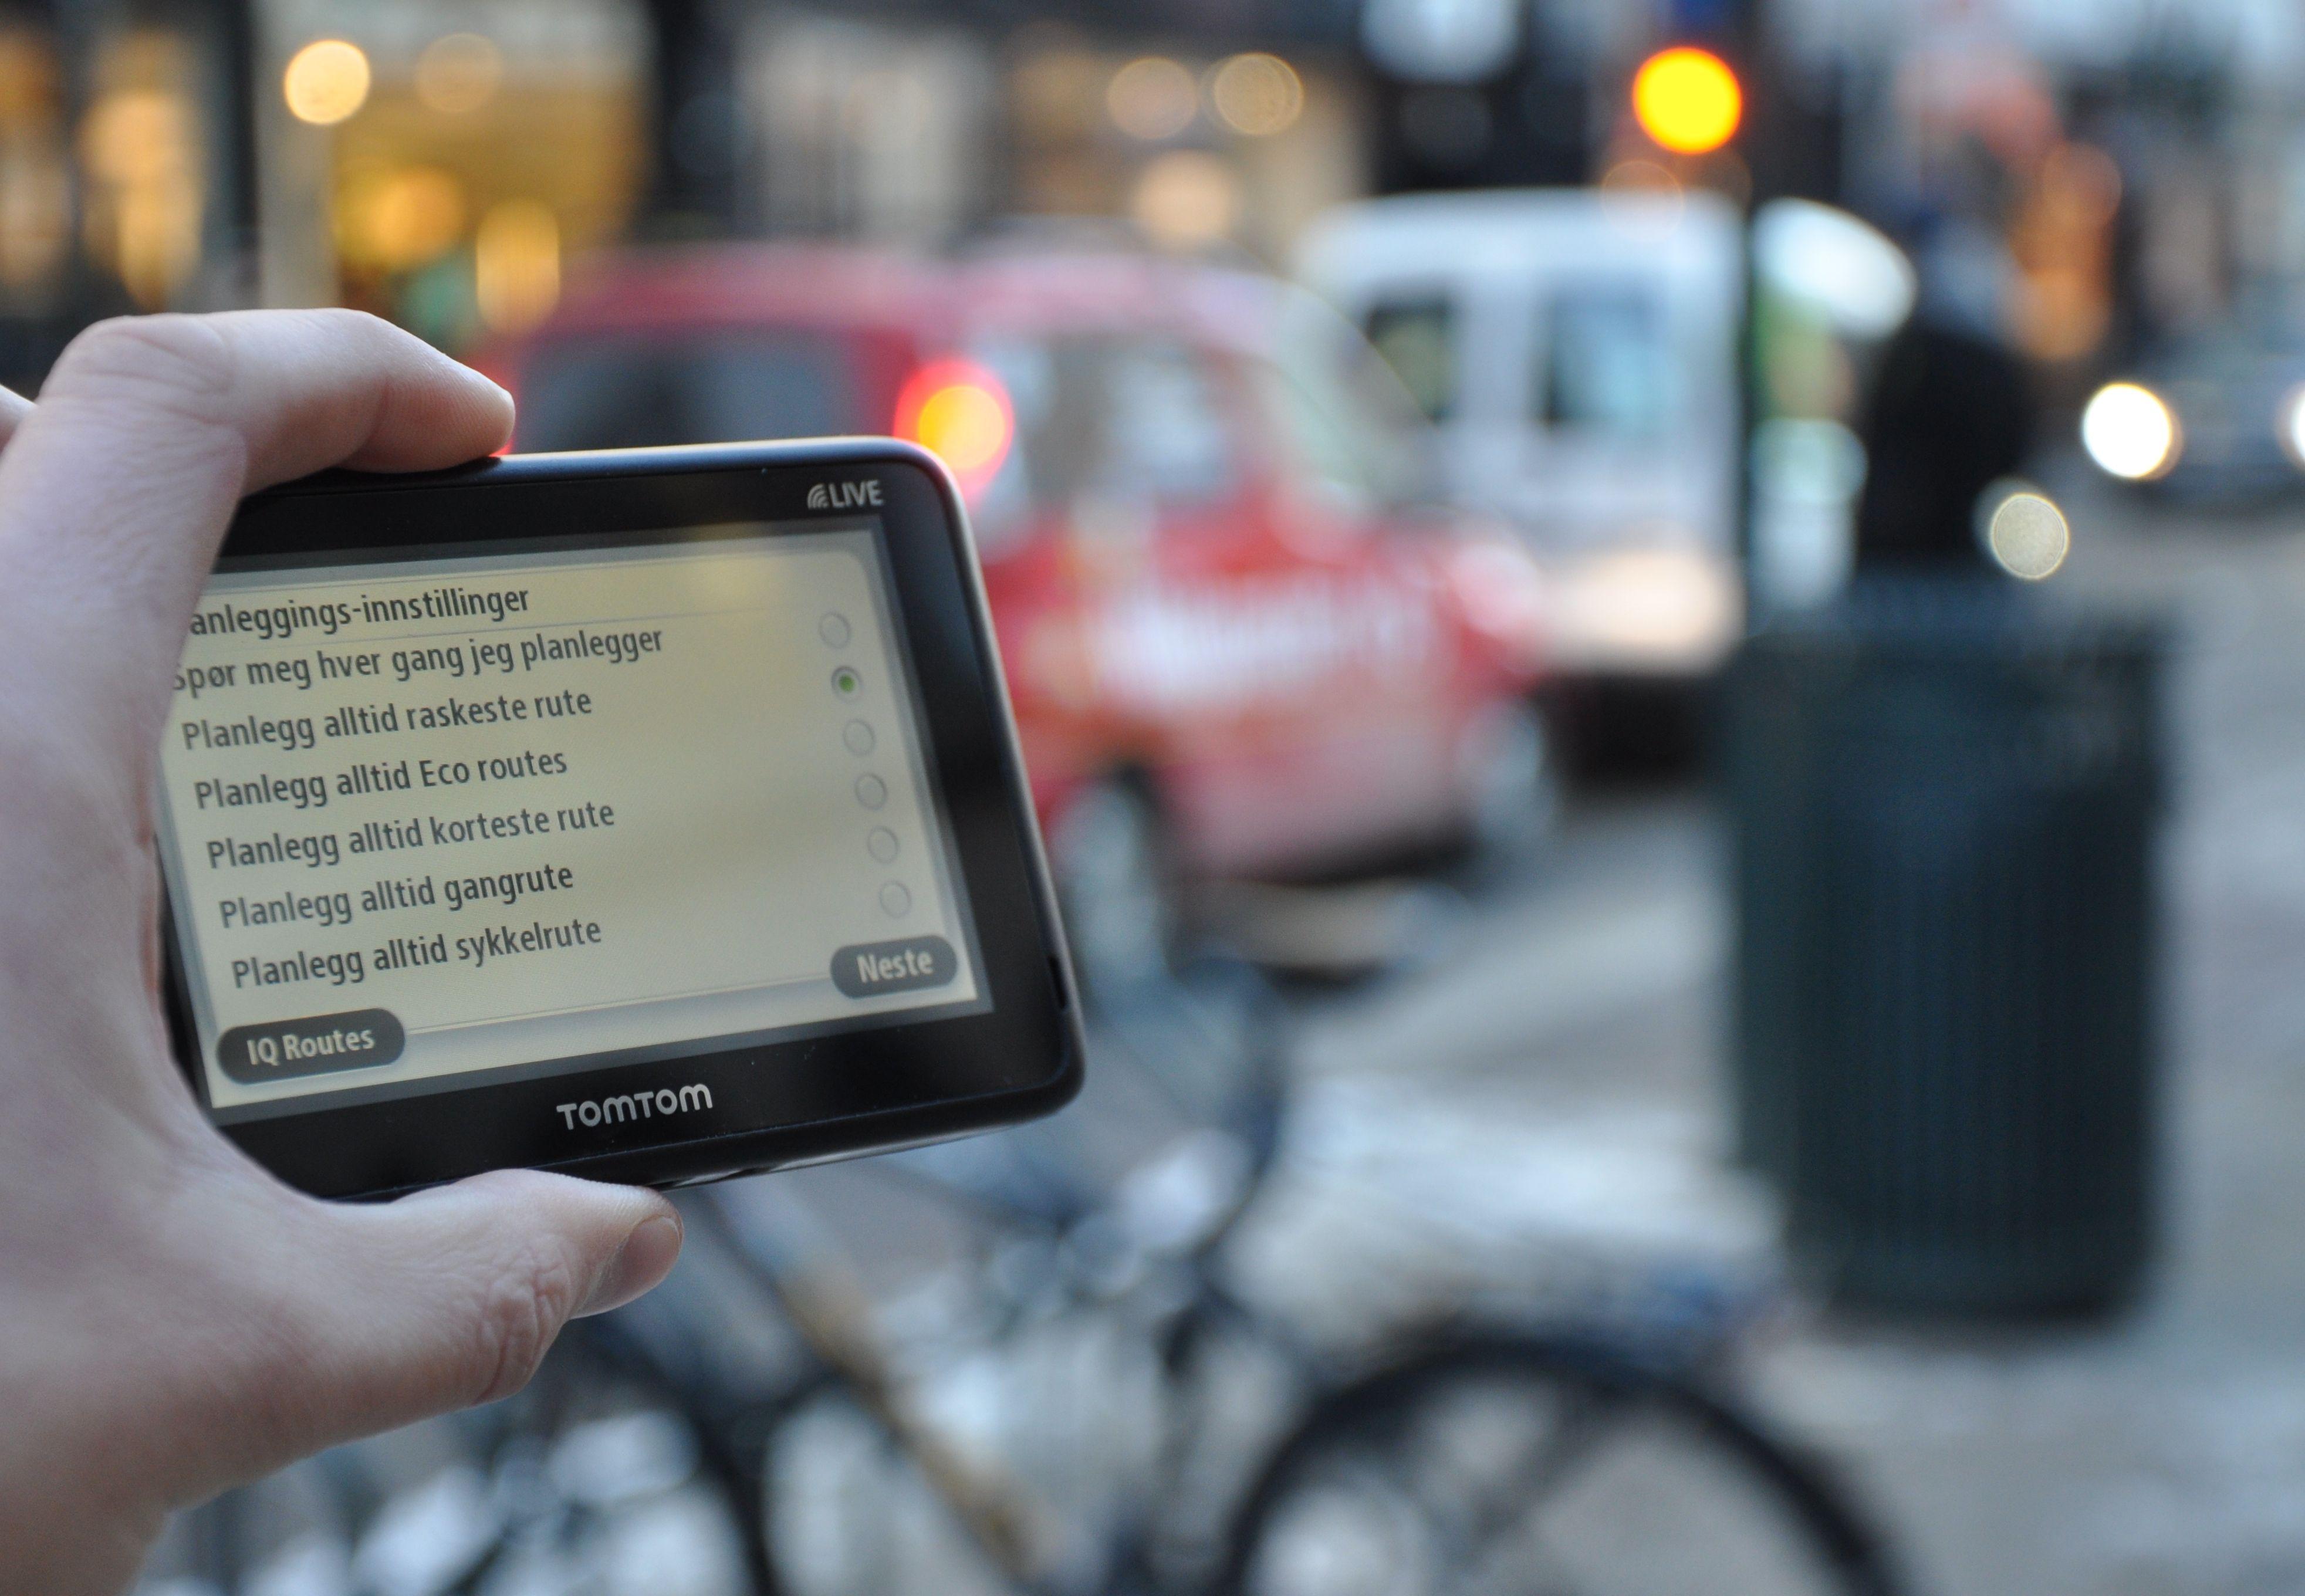 Go Live 1000 kan brukes enten du beveger deg bak rattet, til fots eller på sykkel.